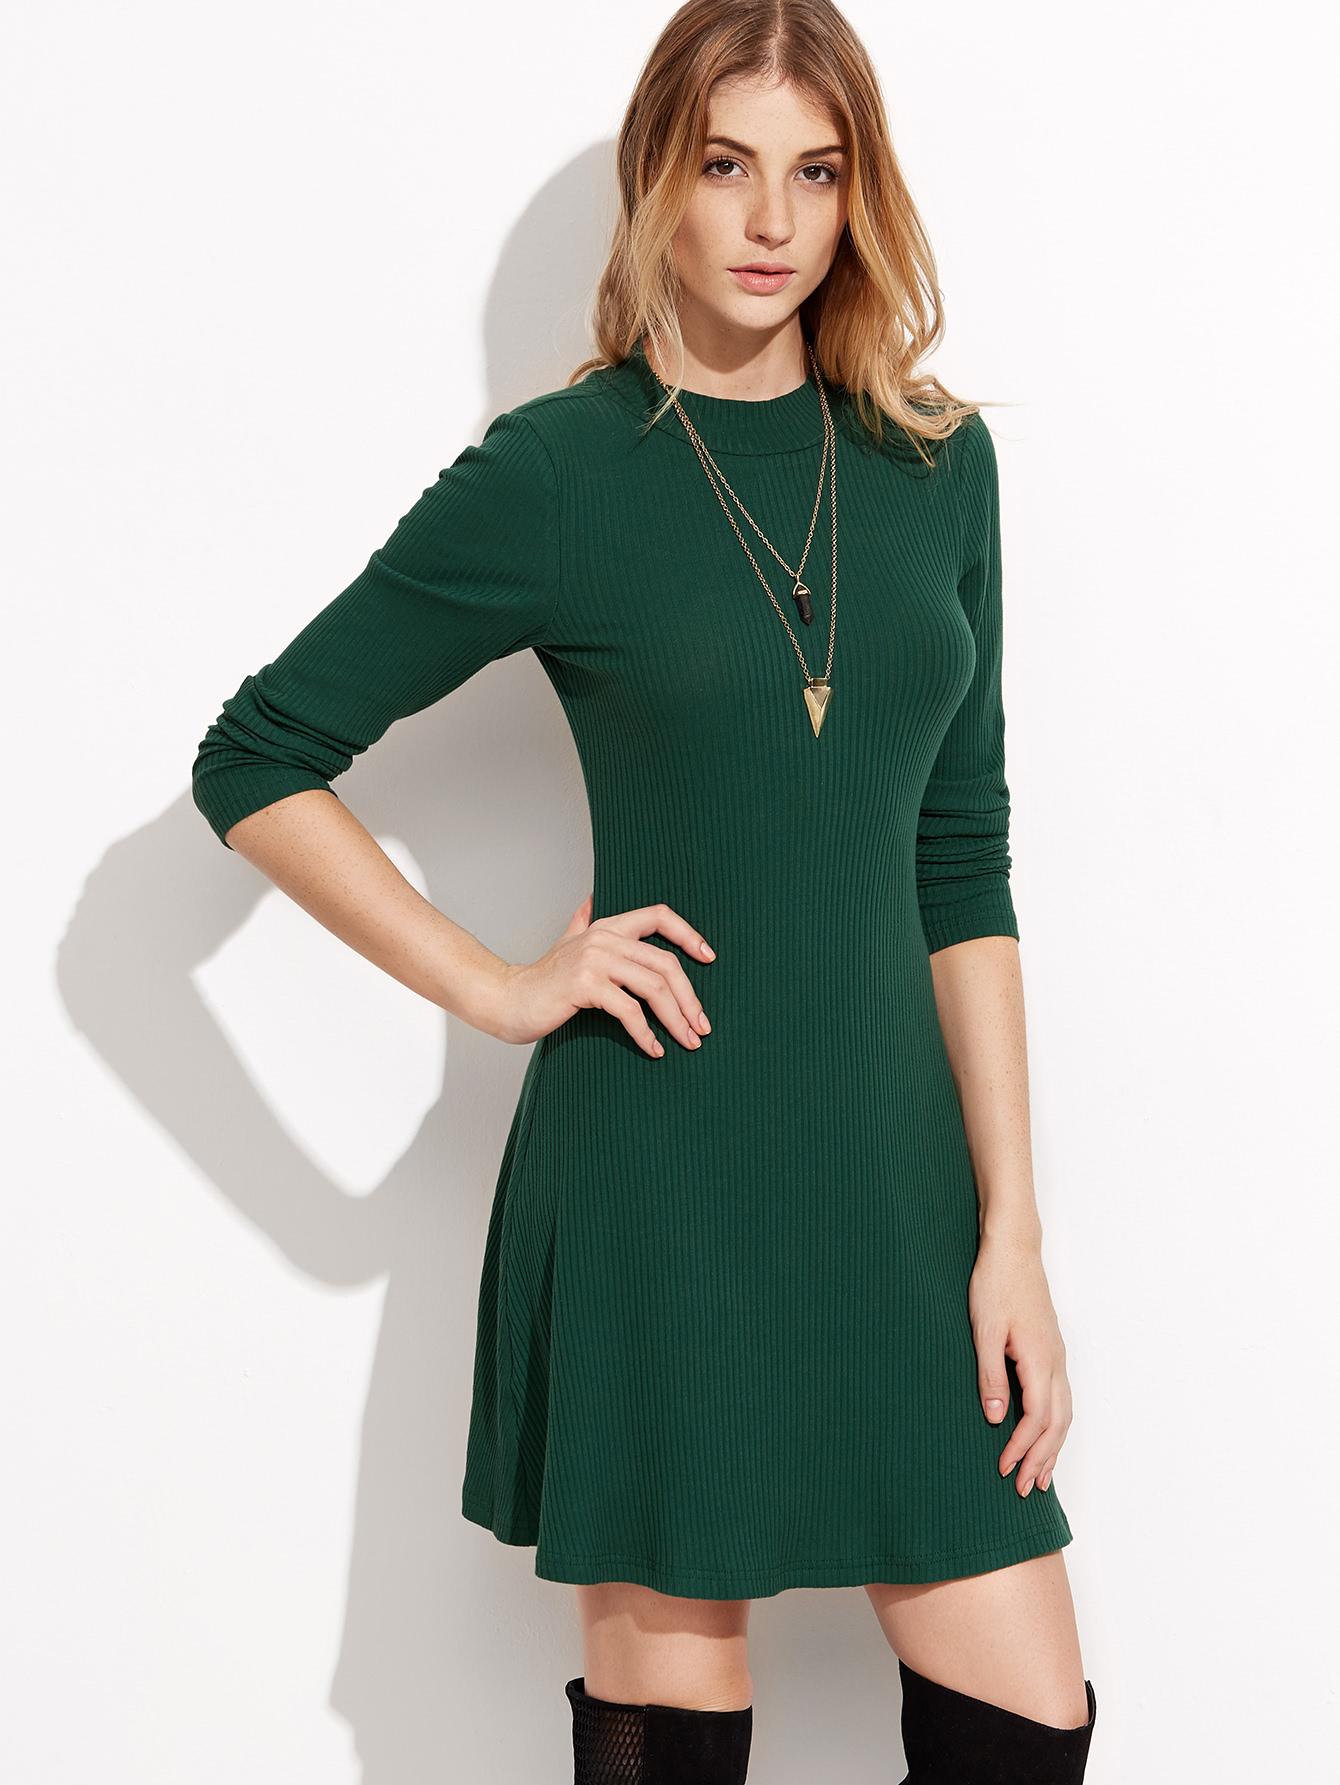 Green Long Sleeve Ribbed Skater Dress dress160830708